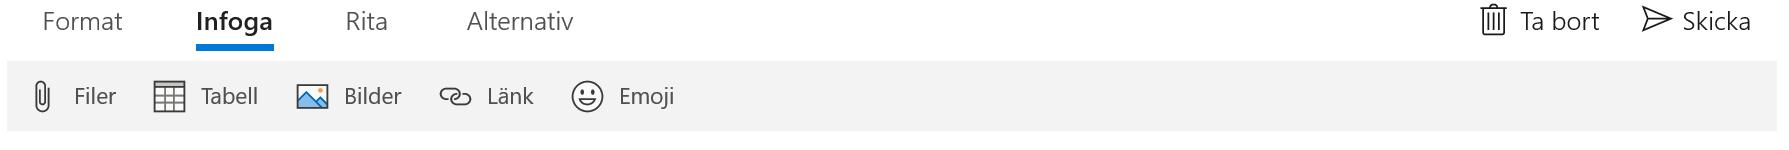 Verktygsfältet Infoga i appen E-post för Windows 10.